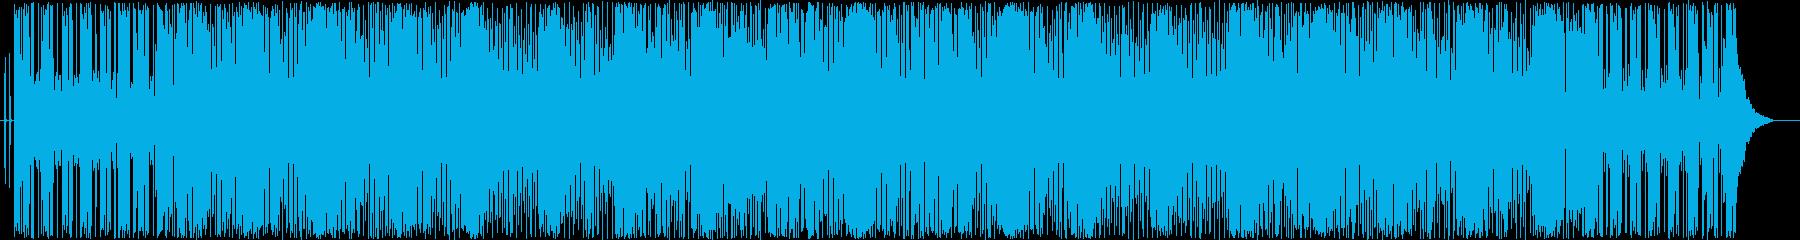 ワクワクしてくるスカのビートの再生済みの波形